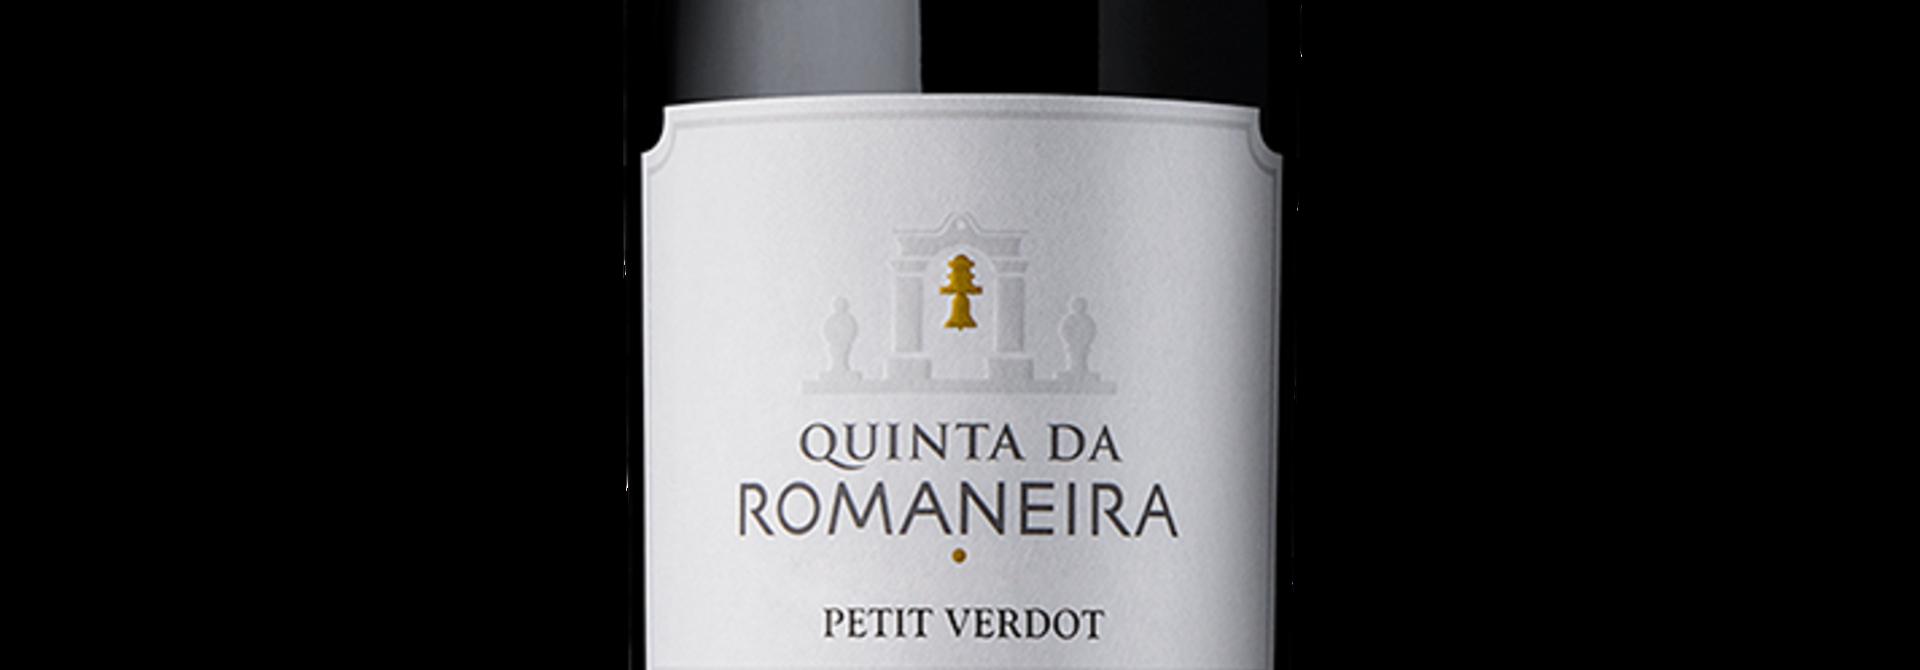 Quinta da Romaneira Petit Verdot 2015